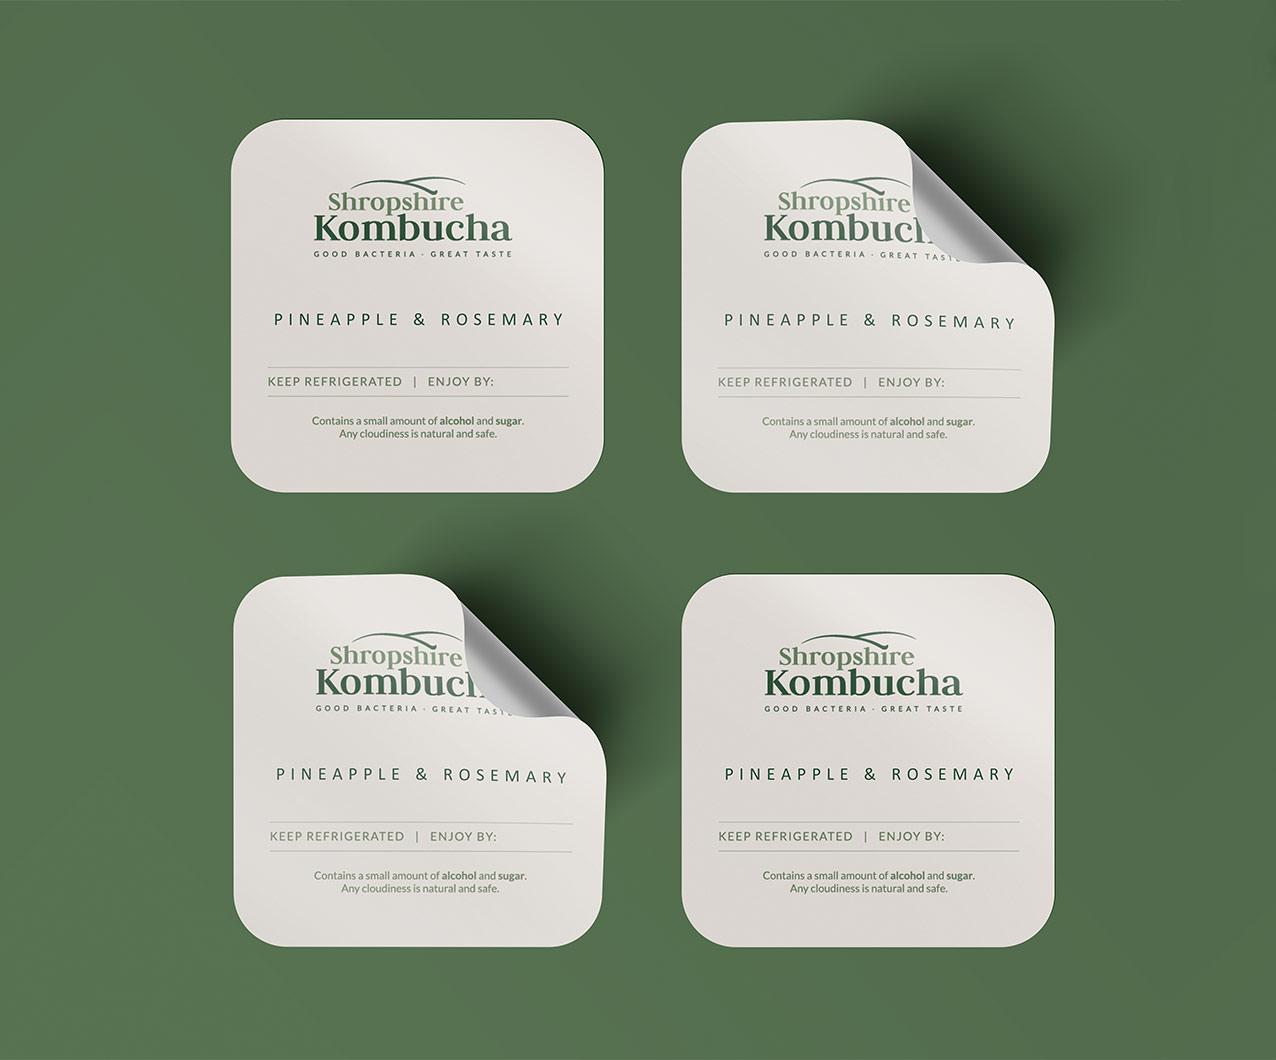 Shropshire Kombucha bottle label designs